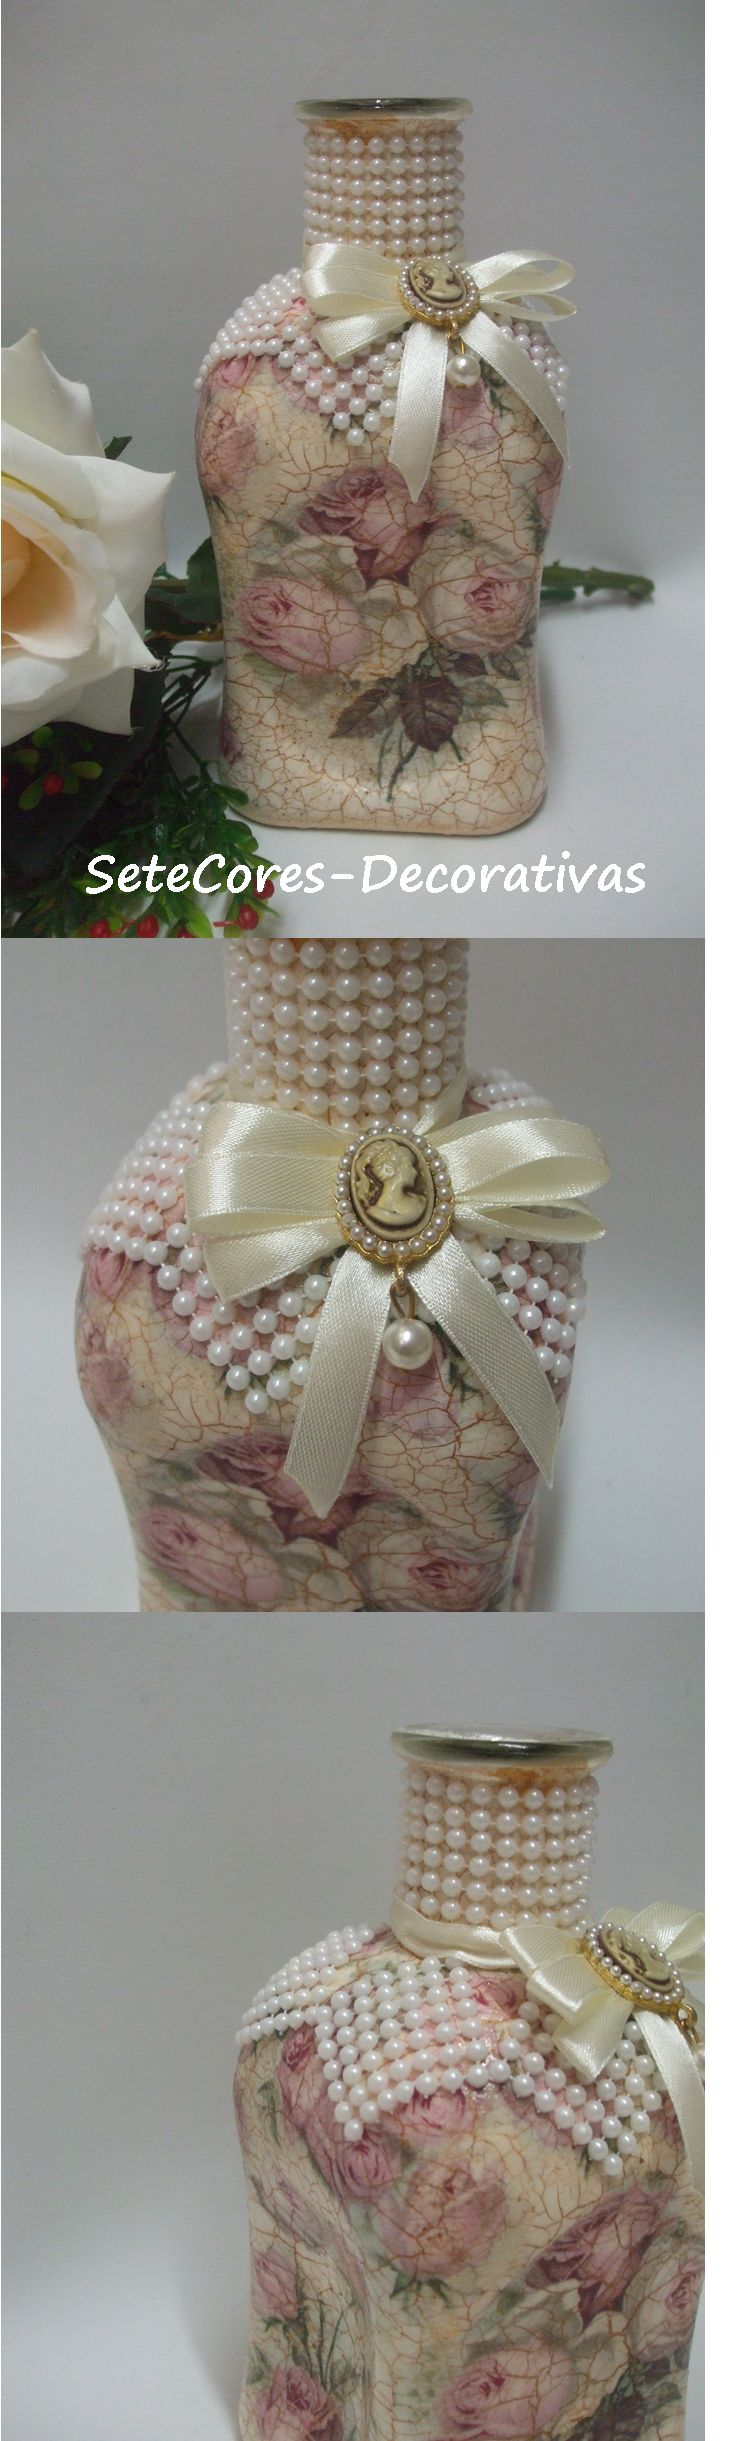 die besten 25 ver nderte flaschen ideen auf pinterest dekorierte flaschen dekorative. Black Bedroom Furniture Sets. Home Design Ideas